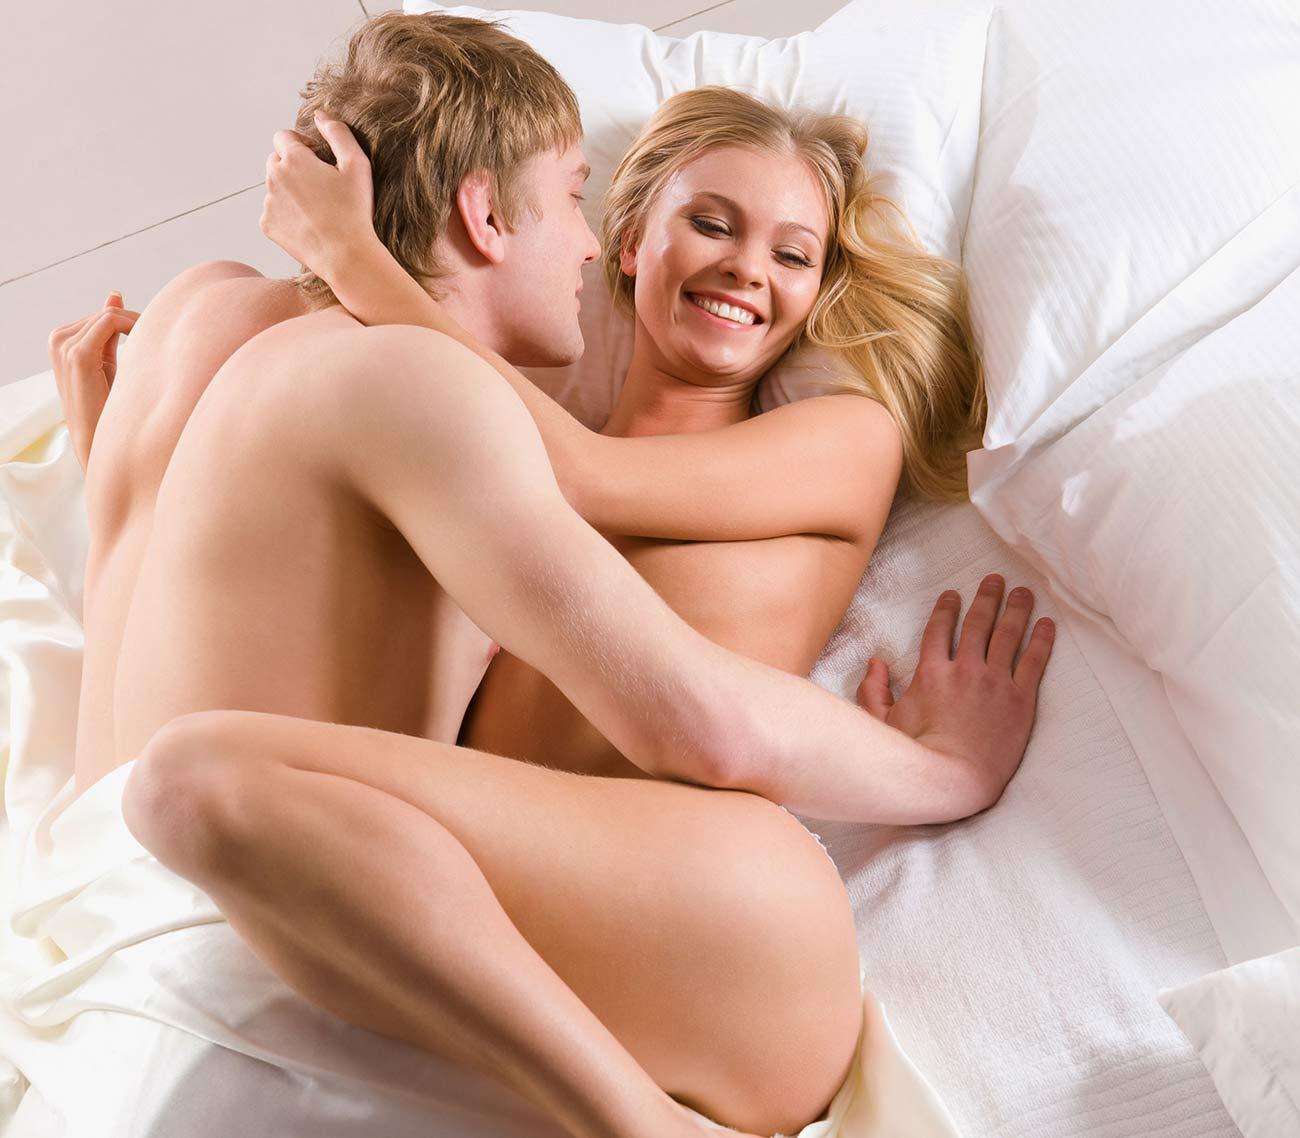 mozhno-li-orgazm-pri-beremennosti